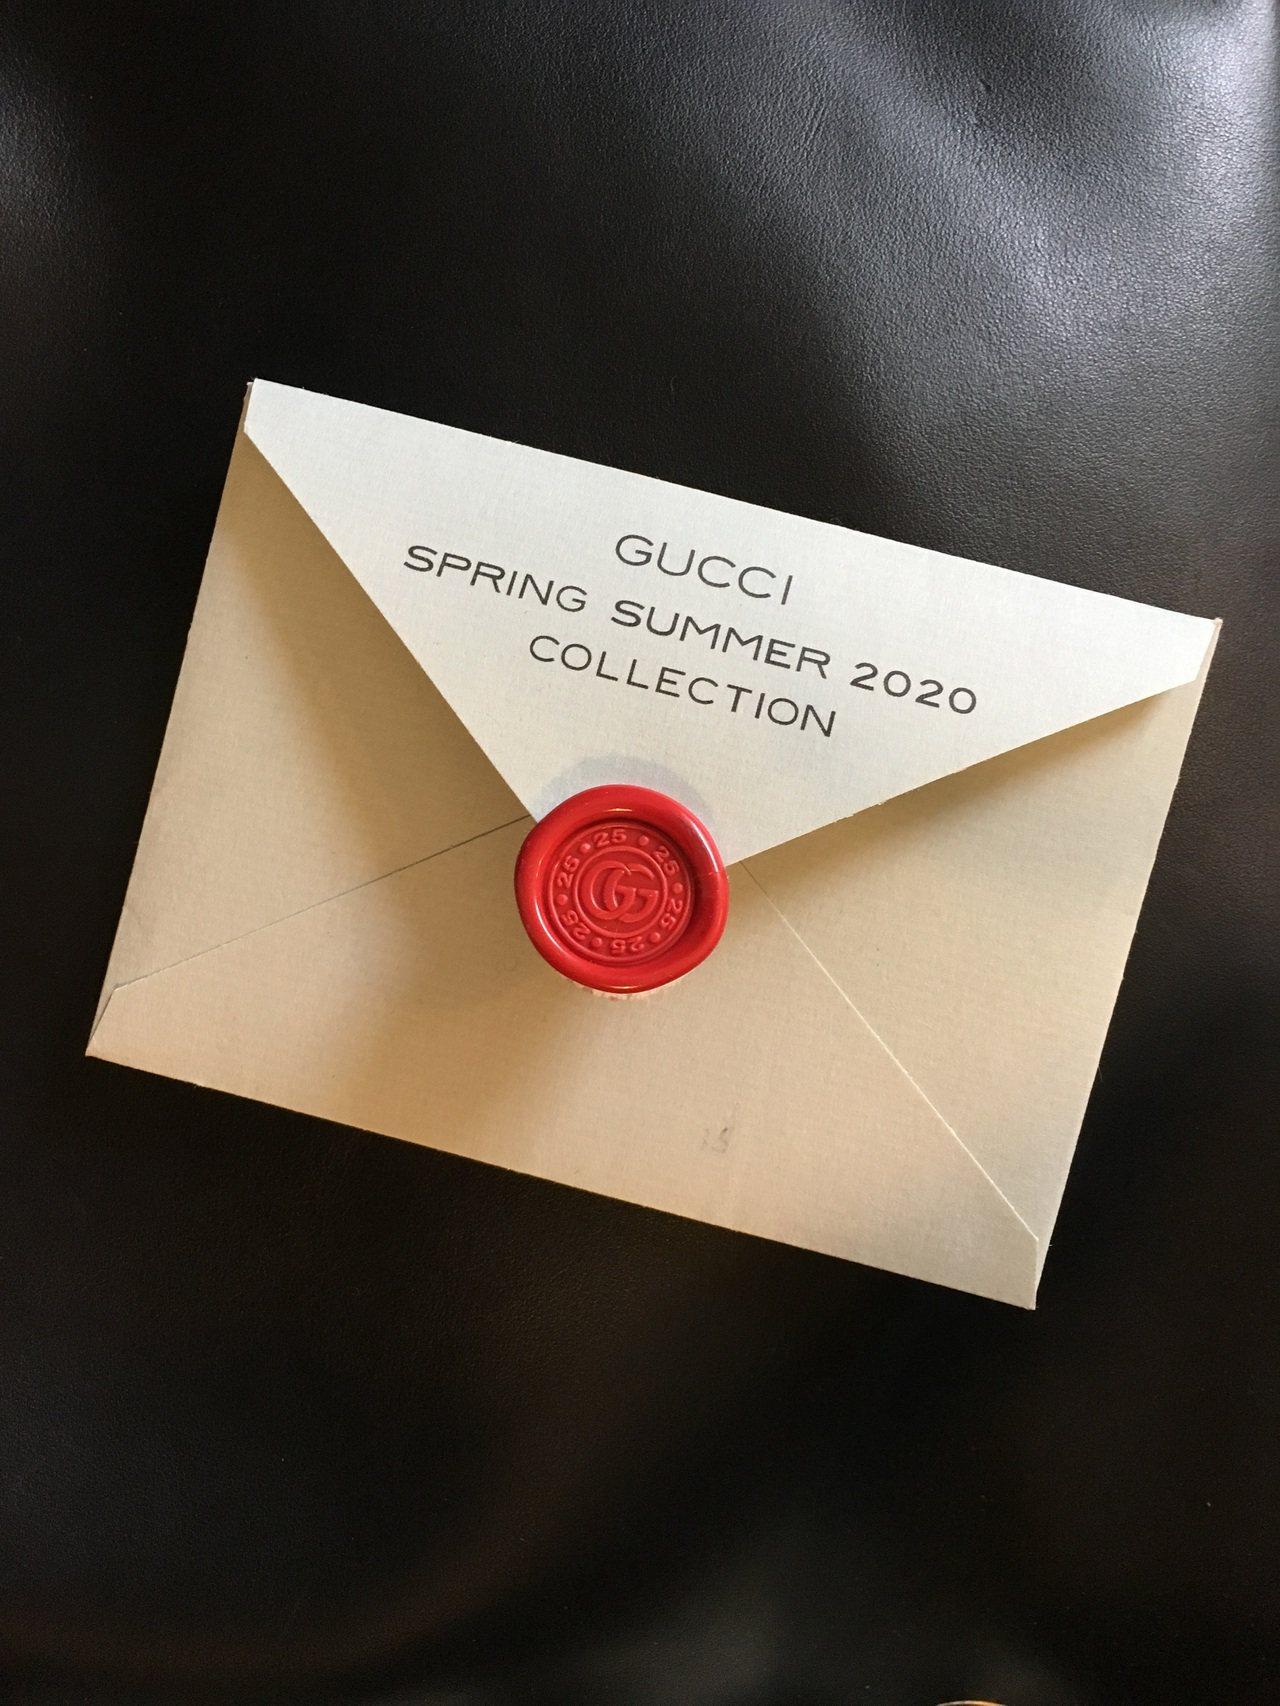 Gucci這次邀請卡改走非常簡約的路線,素淨的淡綠色信封搭紅色封蠟回歸經典,與以...